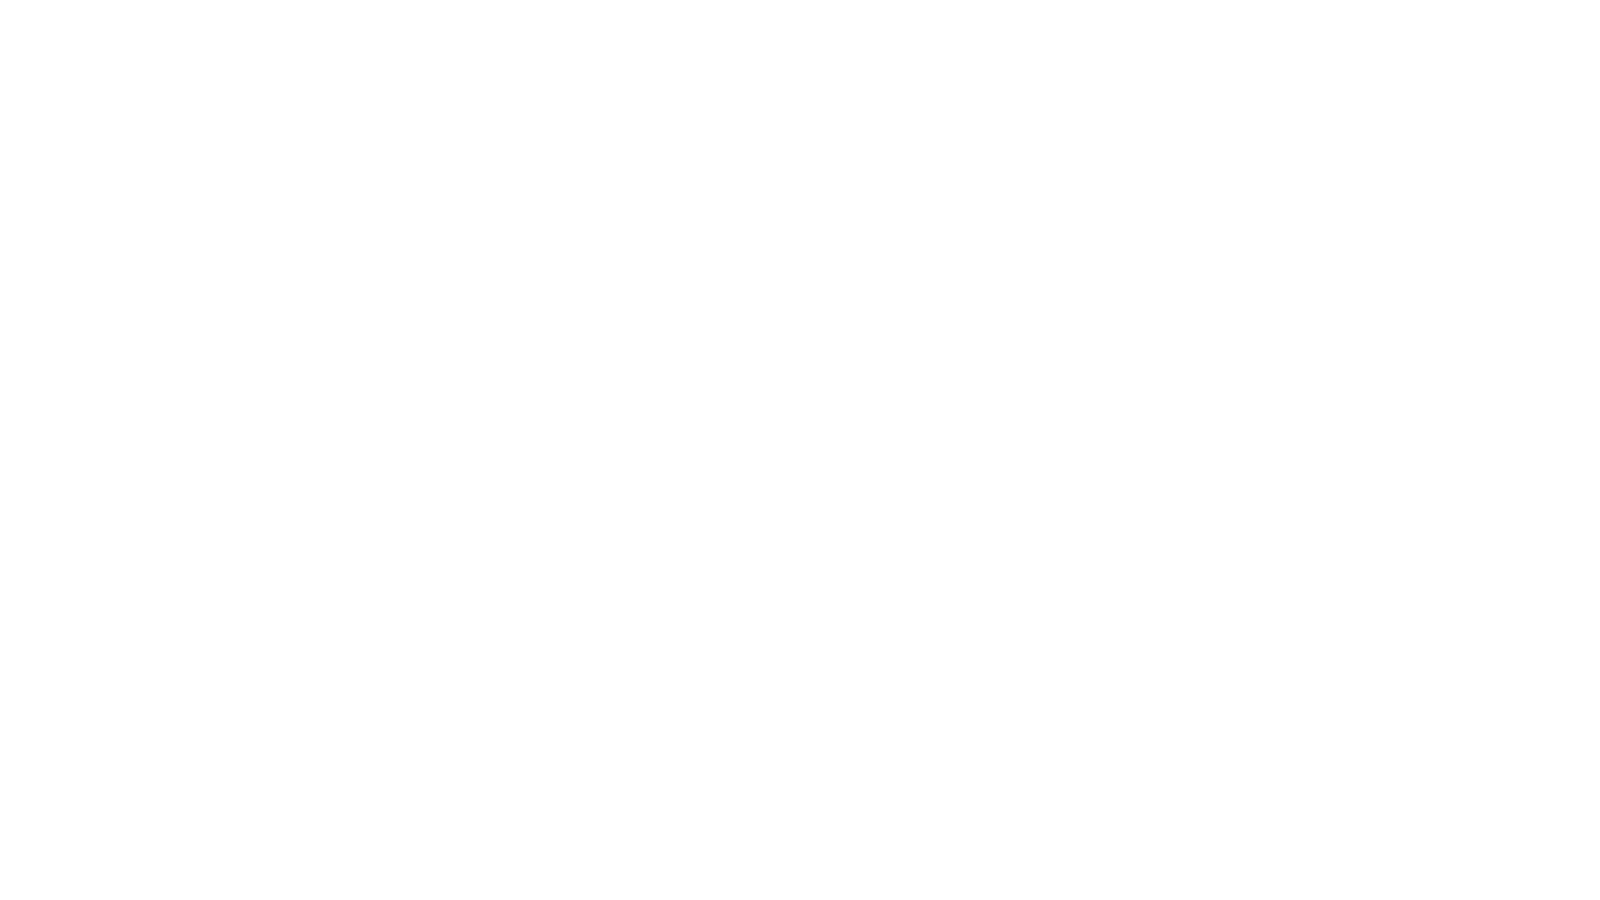 La #goldmarkestates ta deg med til Güzelyurt bukten på vestkysten av Nord Kypros. Området består av den frodige Güzelyurtbuktenmed byene Güzelyurt, Lefke, Yesilırmak og Gaziveren. Yesilırmak kjent som jordbærbyen, Gazivern er et surfersparadise. Severdighetene Vouni og Soli, Agios Mamas Church, og flere herlige fiskerestauranter og flotte strender gjør turen til en opplevelse.   I overgangen april til mai er det hvert år en jordbærfestival.                                       ___________________________________________________  Güzelyurt Bay on the west coast of Northern Cyprus consists of the lush Güzelyurt Bay with the town of Güzelyurt, Lefke, Yesilırmak and Gaziveren. Yesilırmak known as the strawberry town, Gazivern is a surfers paradise. The sights of Vouni and Soli, Agios Mamas Church, and several wonderful fish restaurants and beautiful beaches make the trip to this area an experience.                                   _____________________________________________________  Les mer på forskjellige bloggposter om noen av alt det fine en kan gjøre på øya: https://blog.feriehusmiddelhavet.no/category/bad-og-strand   For eiendommer til salgs ved Goldmark Estates ( nye prosjekter og brukte boliger) : https://www.feriehusmiddelhavet.no/  Kontakt Monica Oseberg i FeriehusMiddelhavet: + 47 930 33 940 ( mobil og WhatsApp) 📧 Mail: monica@fhmh.no  📌 Facebook-siden vår 👉 https://www.facebook.com/feriehusmiddelhavet.no 📍 Nettstedet vårt 👉 https://feriehusmiddelhavet.no/  ✅ Abonner på kanalen vår 📺 ✅ Trykk på ringeklokken 🔔 for å få melding om nye filmer ✅ Gi oss en like om du liker det du ser. 👍